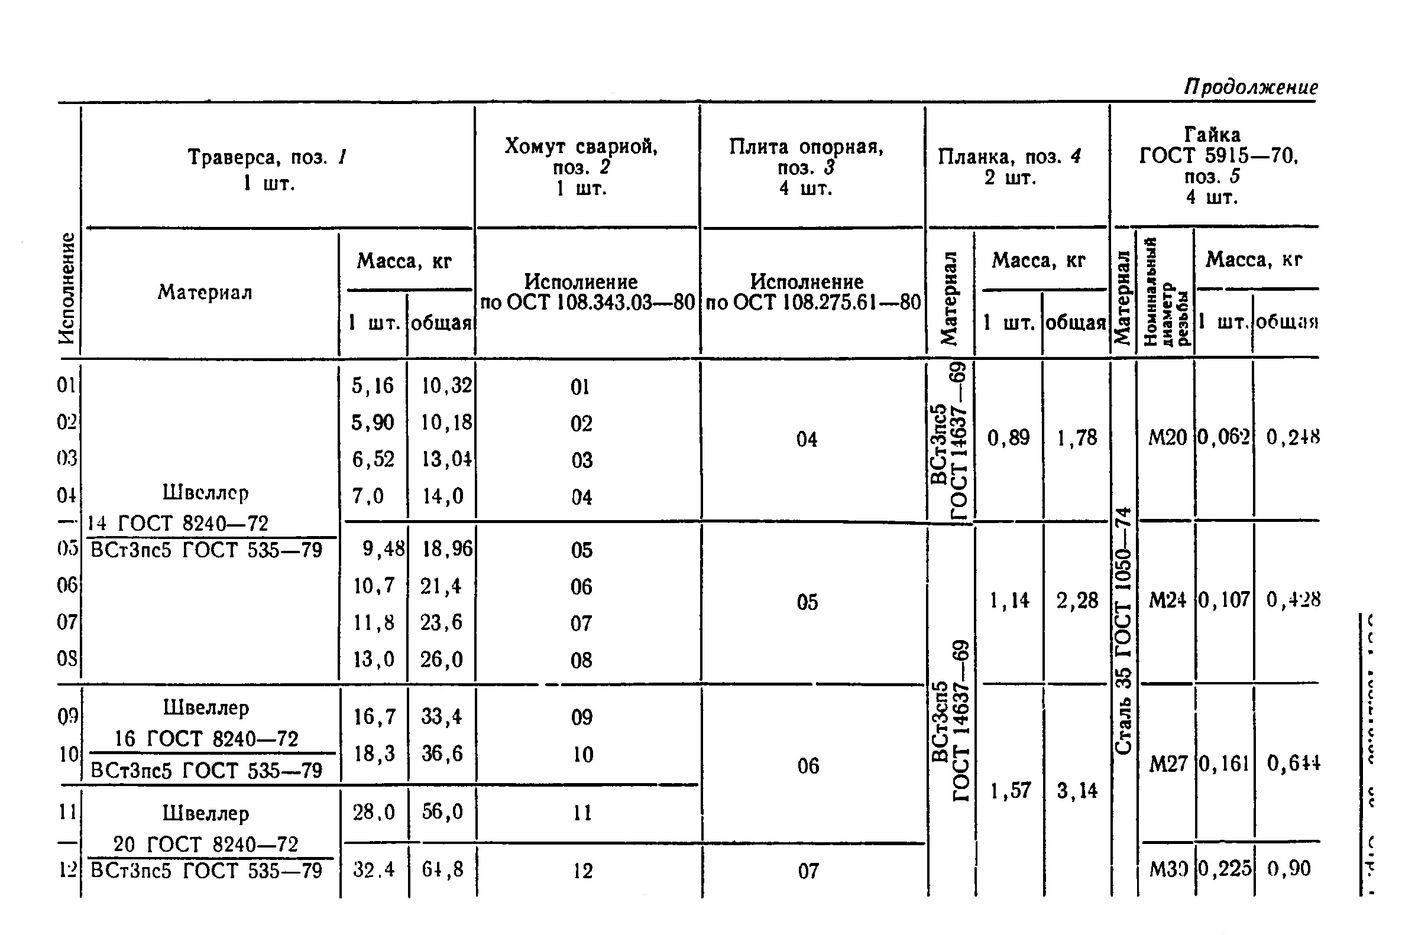 Блоки хомутовые с траверсой ОСТ 108.275.63-80 стр.4